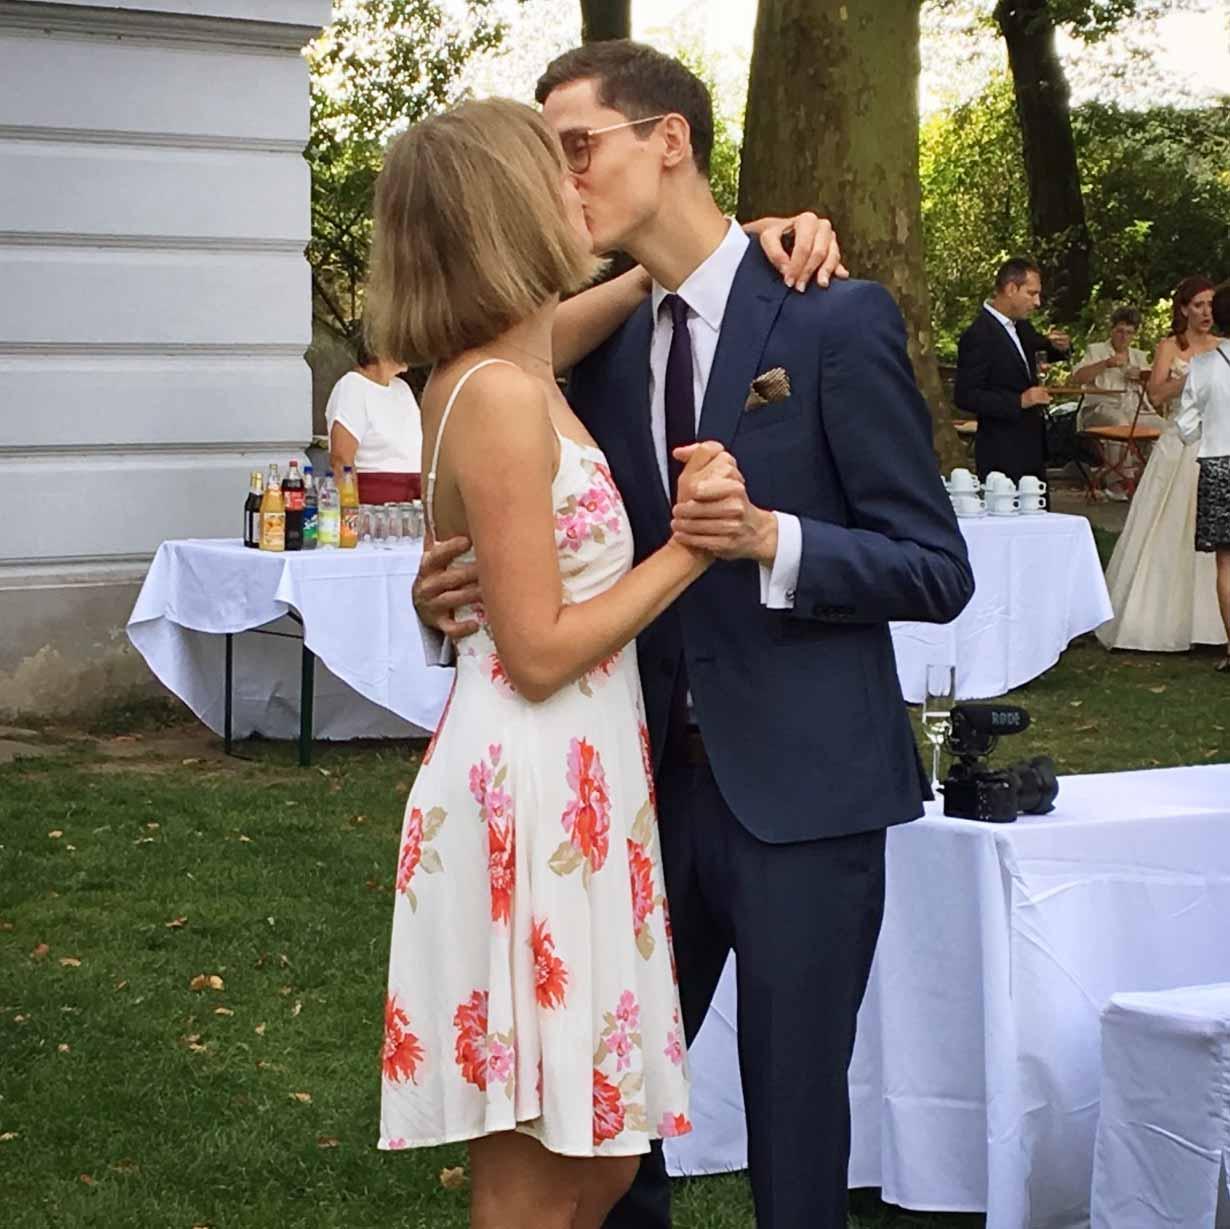 Wedding Richter 1.jpg